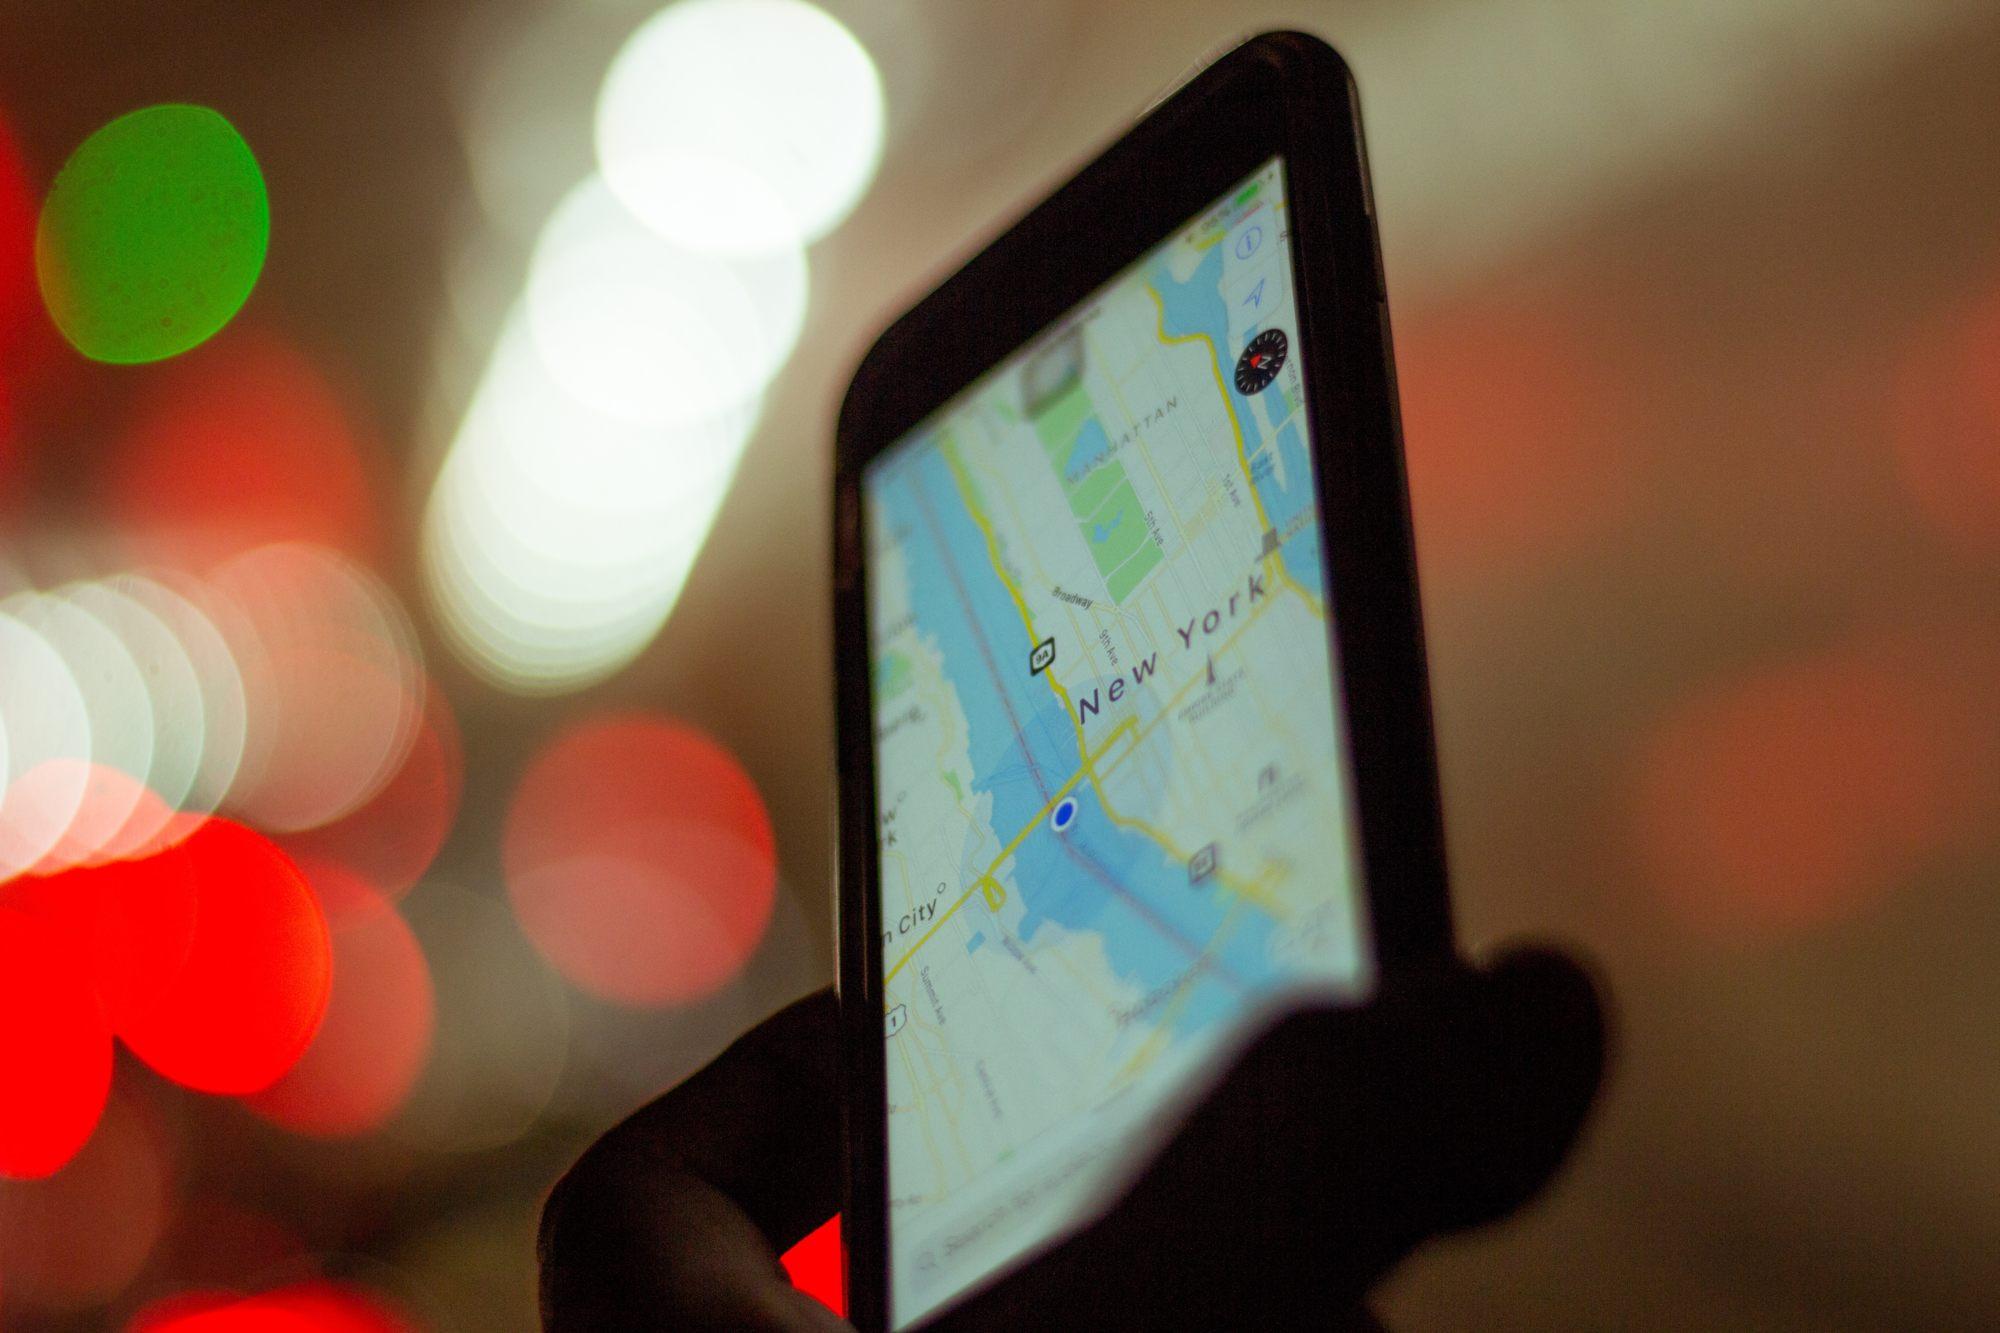 iGPS Watch mobile GPS navigation